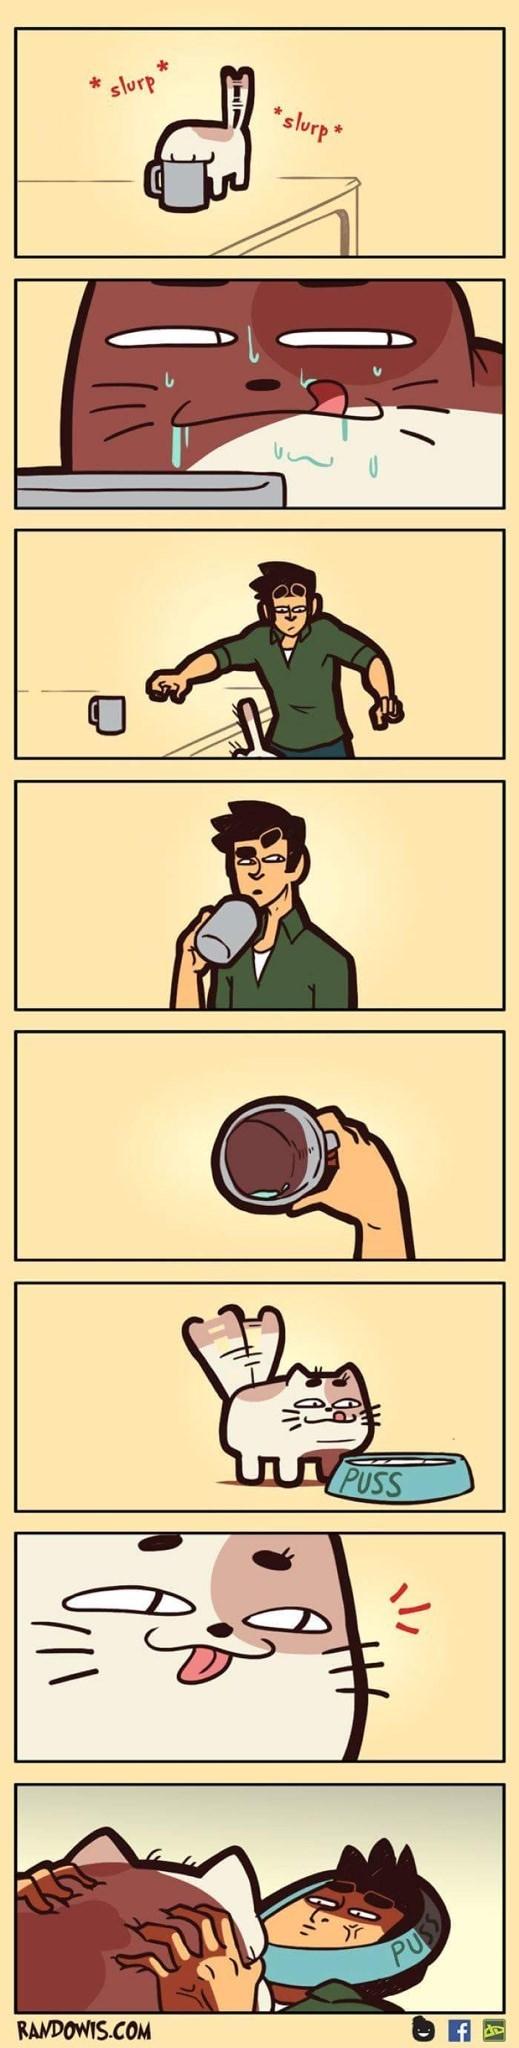 funny comic - Cartoon - slurp slurp* JPUSS RAMDOWIS.COM